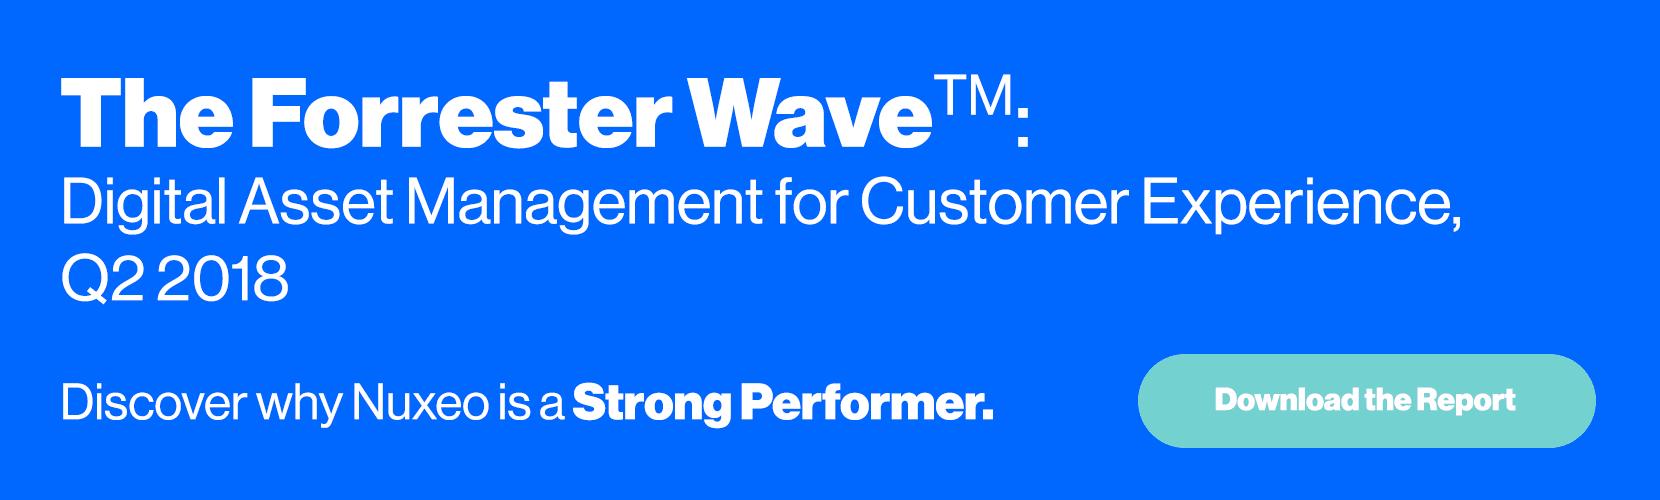 Forrester Wave DAM